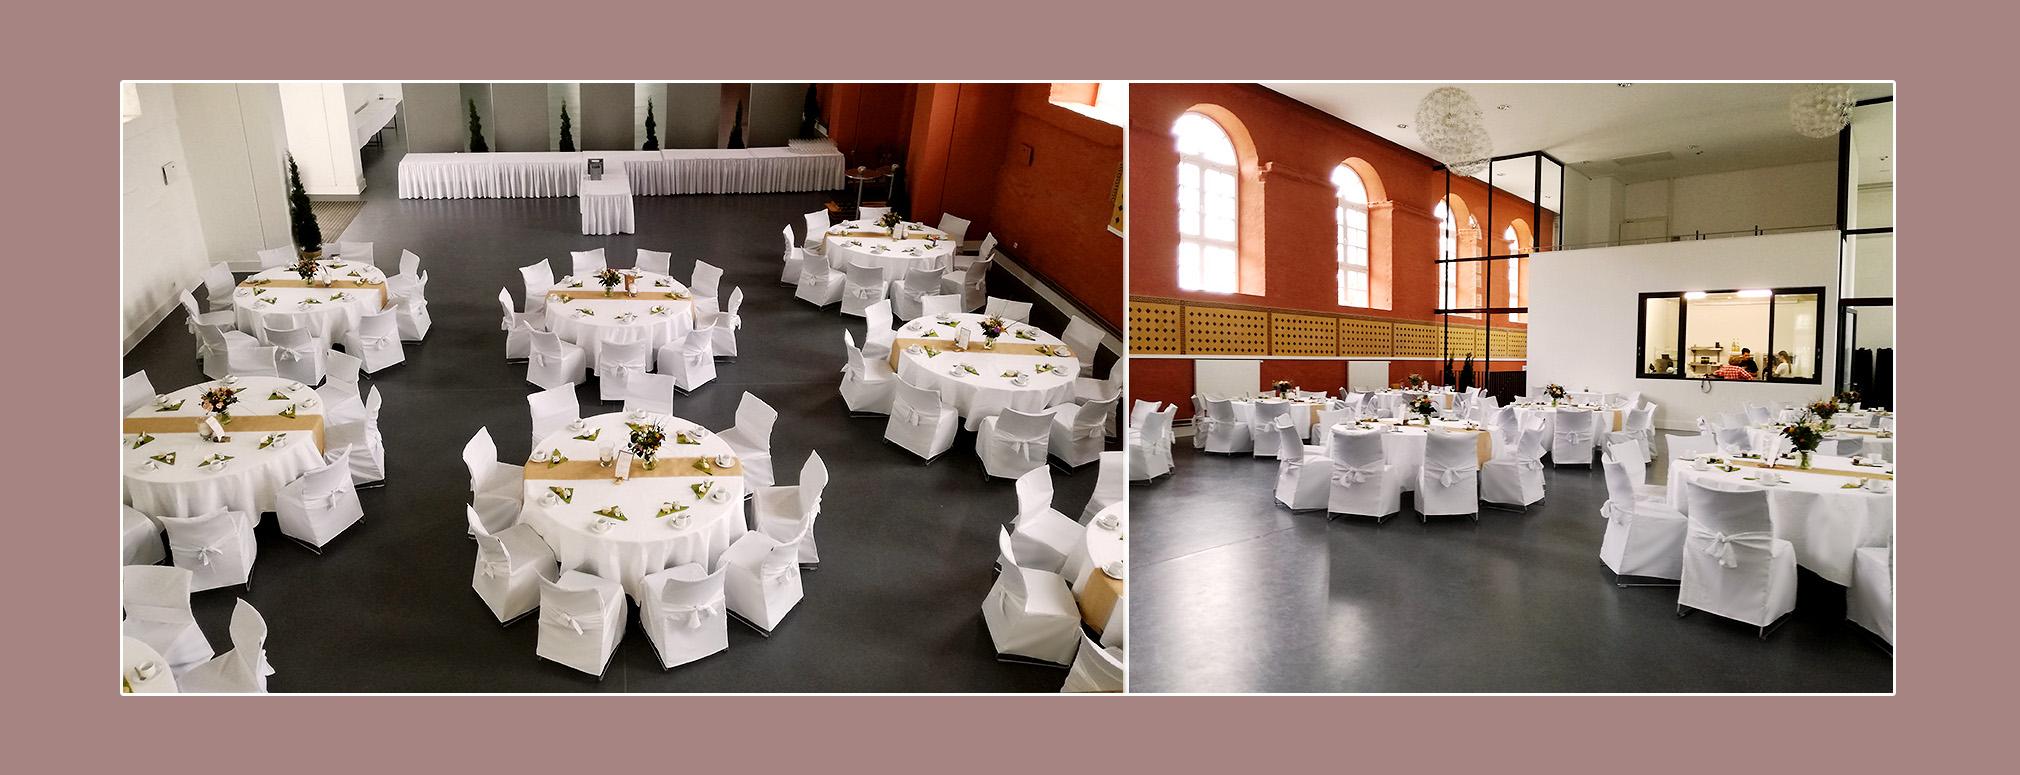 Deko - Hochzeitslocation Marstall Putbus auf Rügen